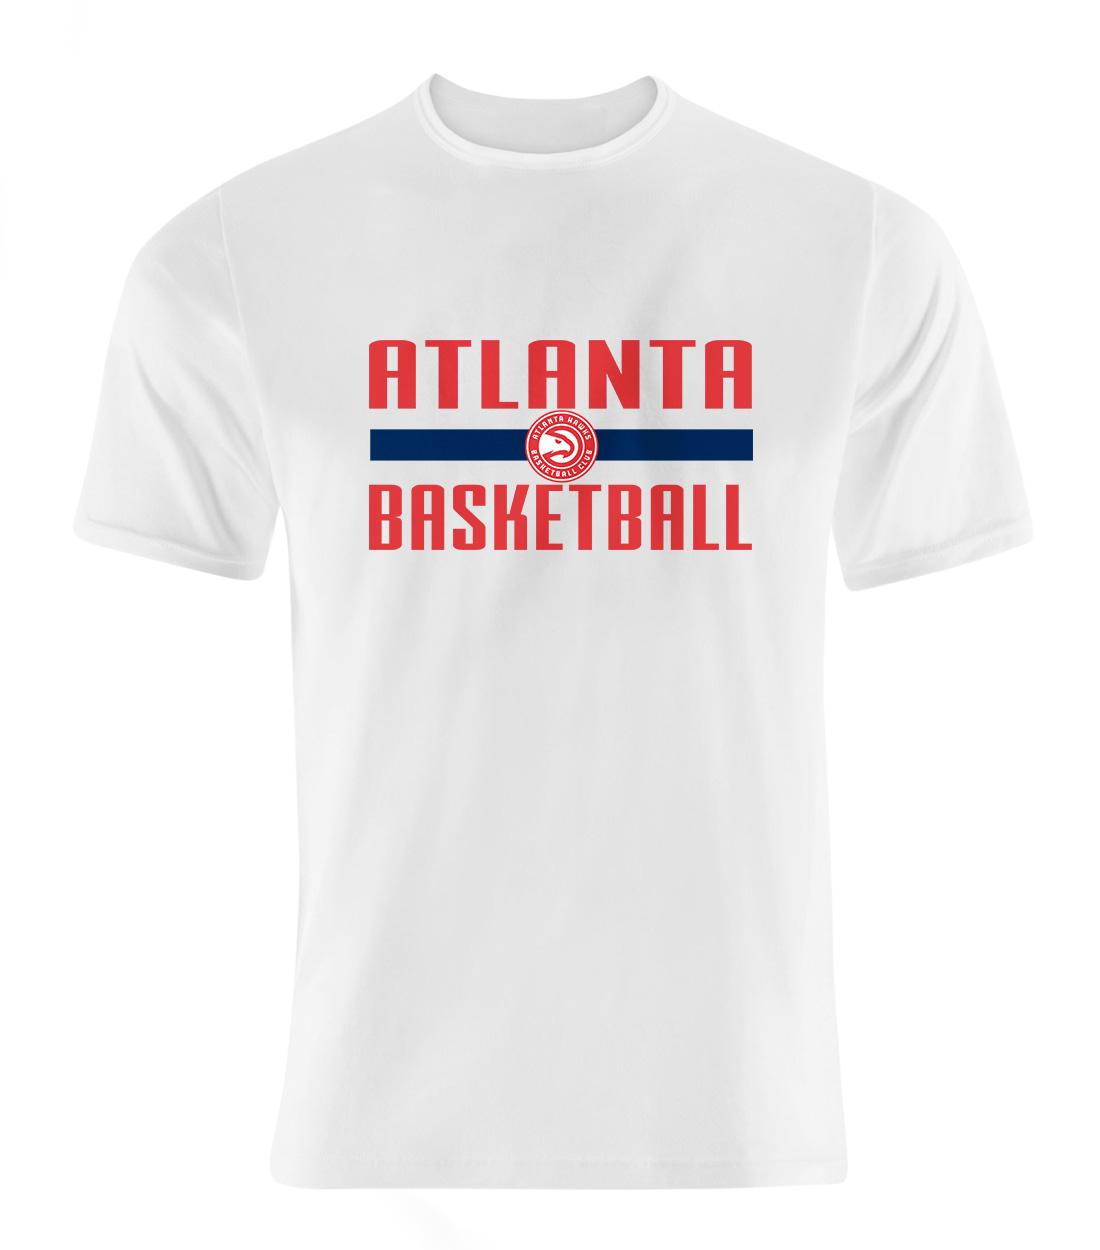 Atlanta Basketball Tshirt (TSH-WHT-NP-atl.bsktbll-650)